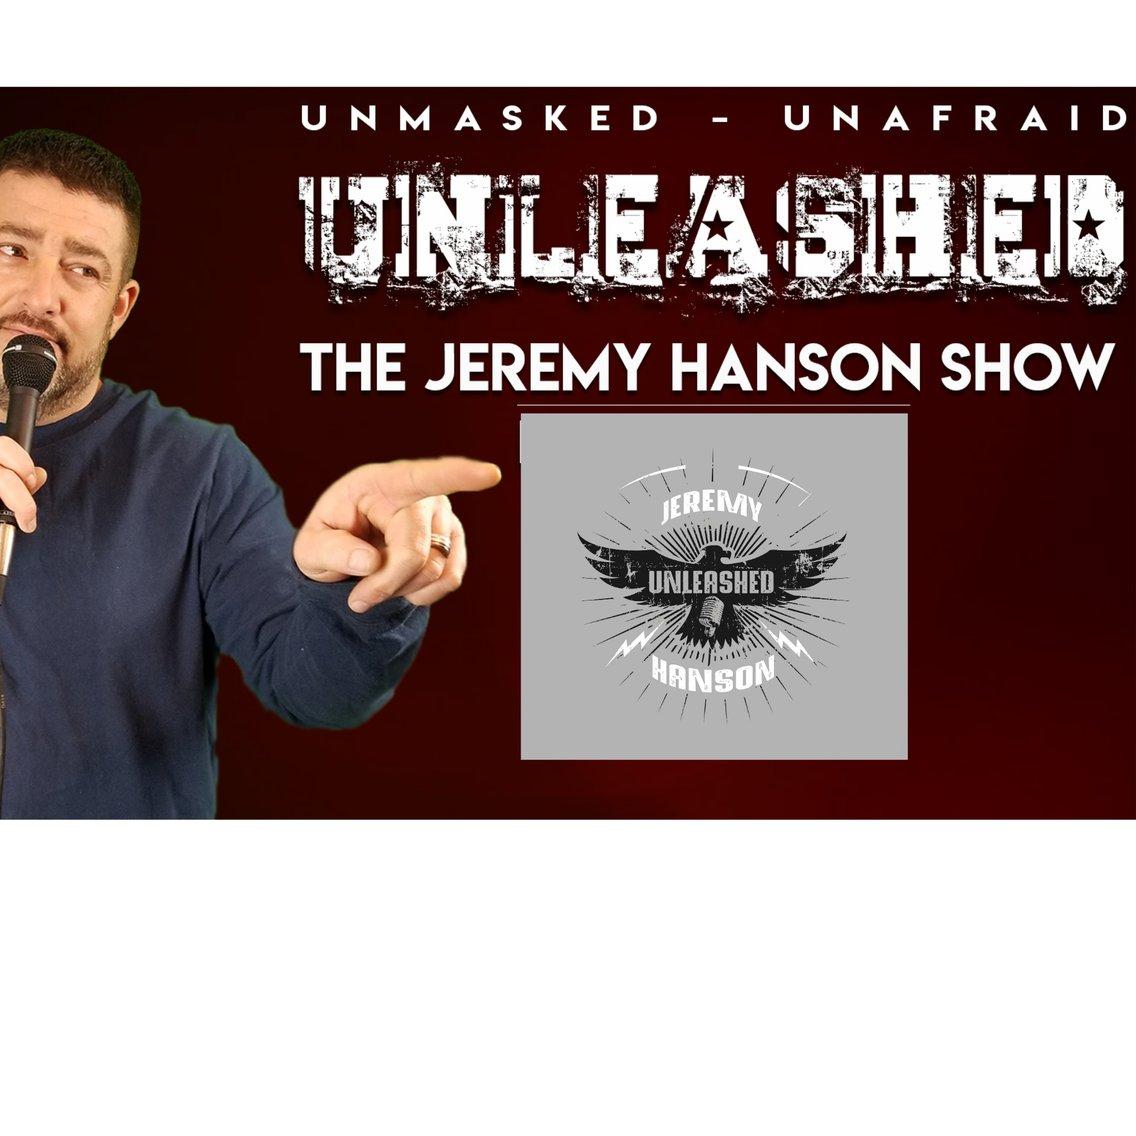 Unleashed the Jeremy Hanson show - imagen de portada